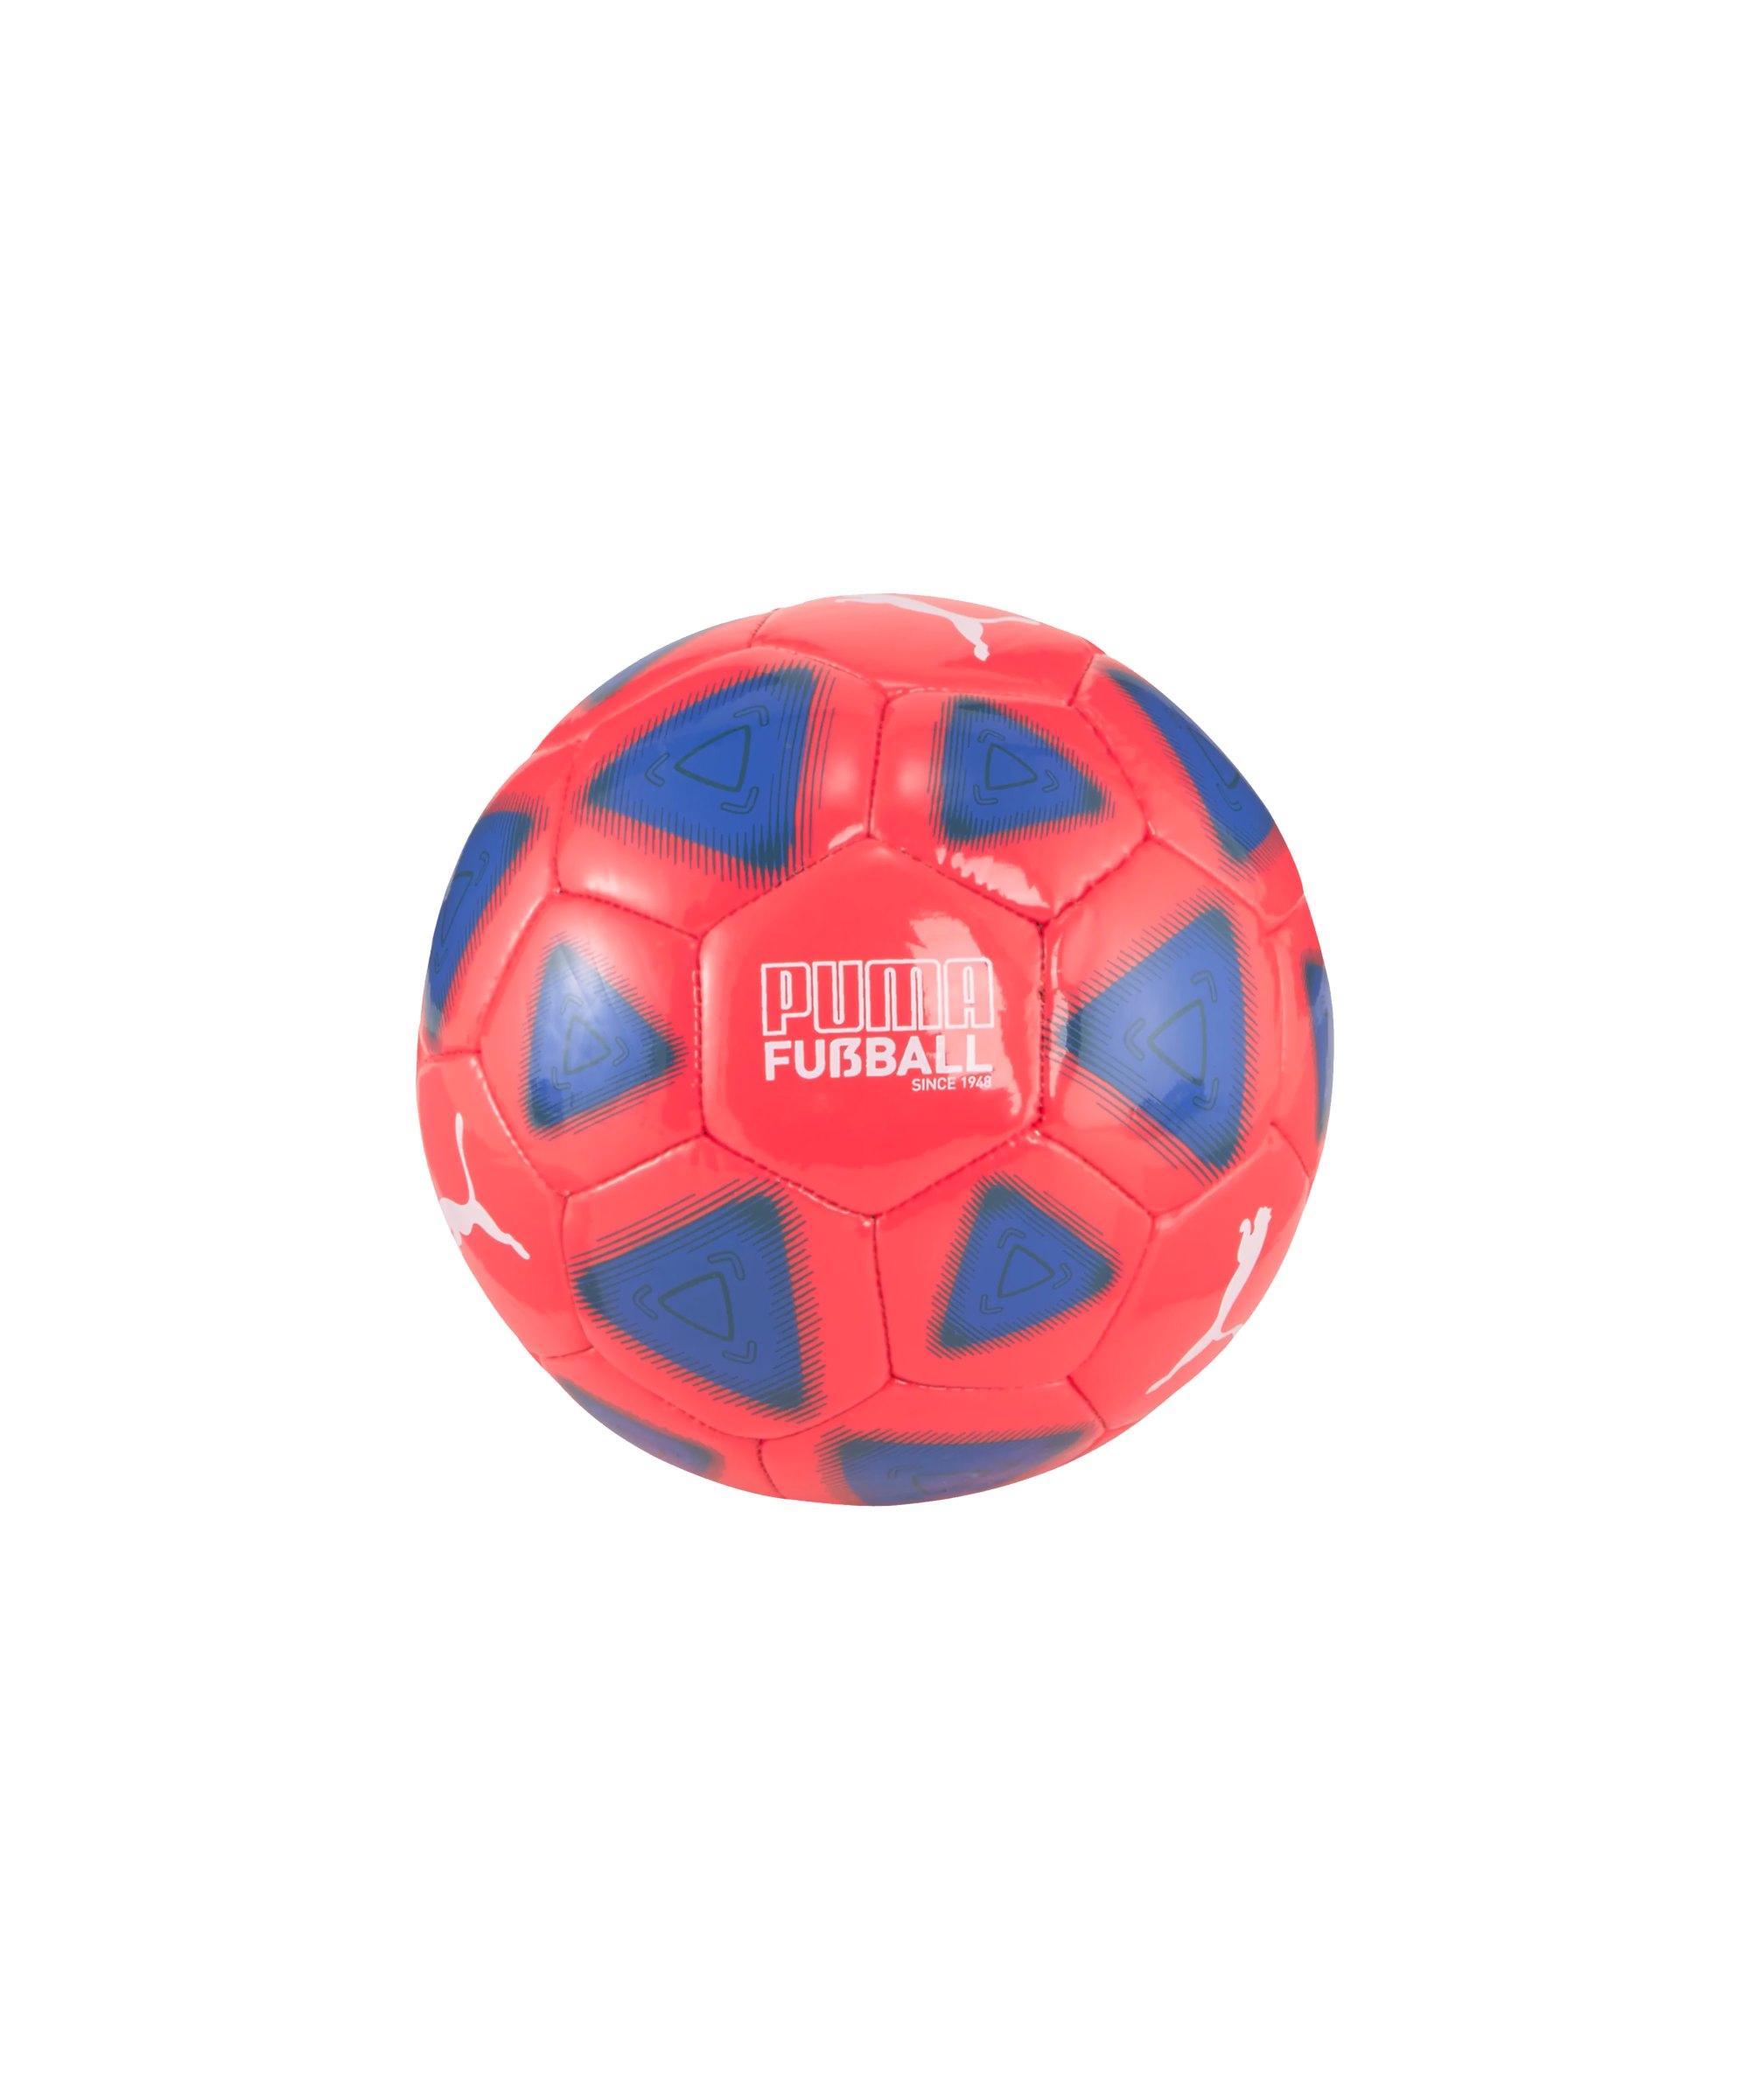 PUMA PRESTIGE Miniball Pink Blau F04 - pink